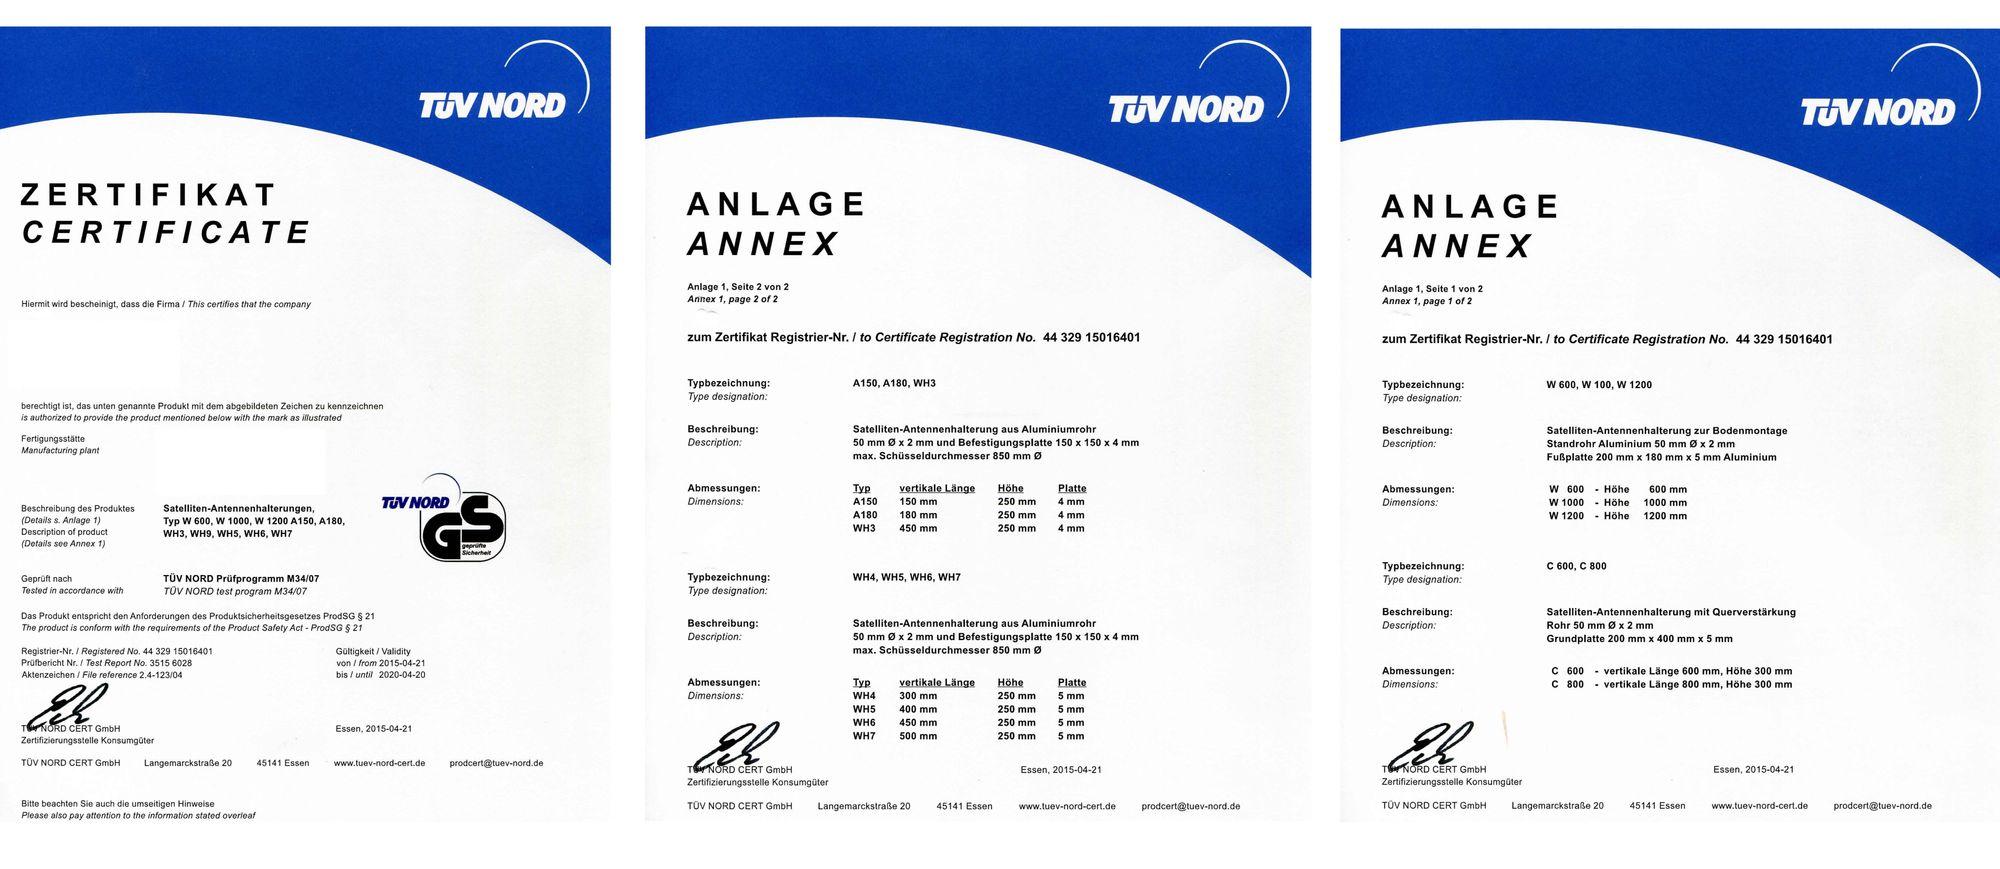 Wandhalter 35 cm ALU Halterung inkl. Mastkappe Schraubensatz Wand Montage